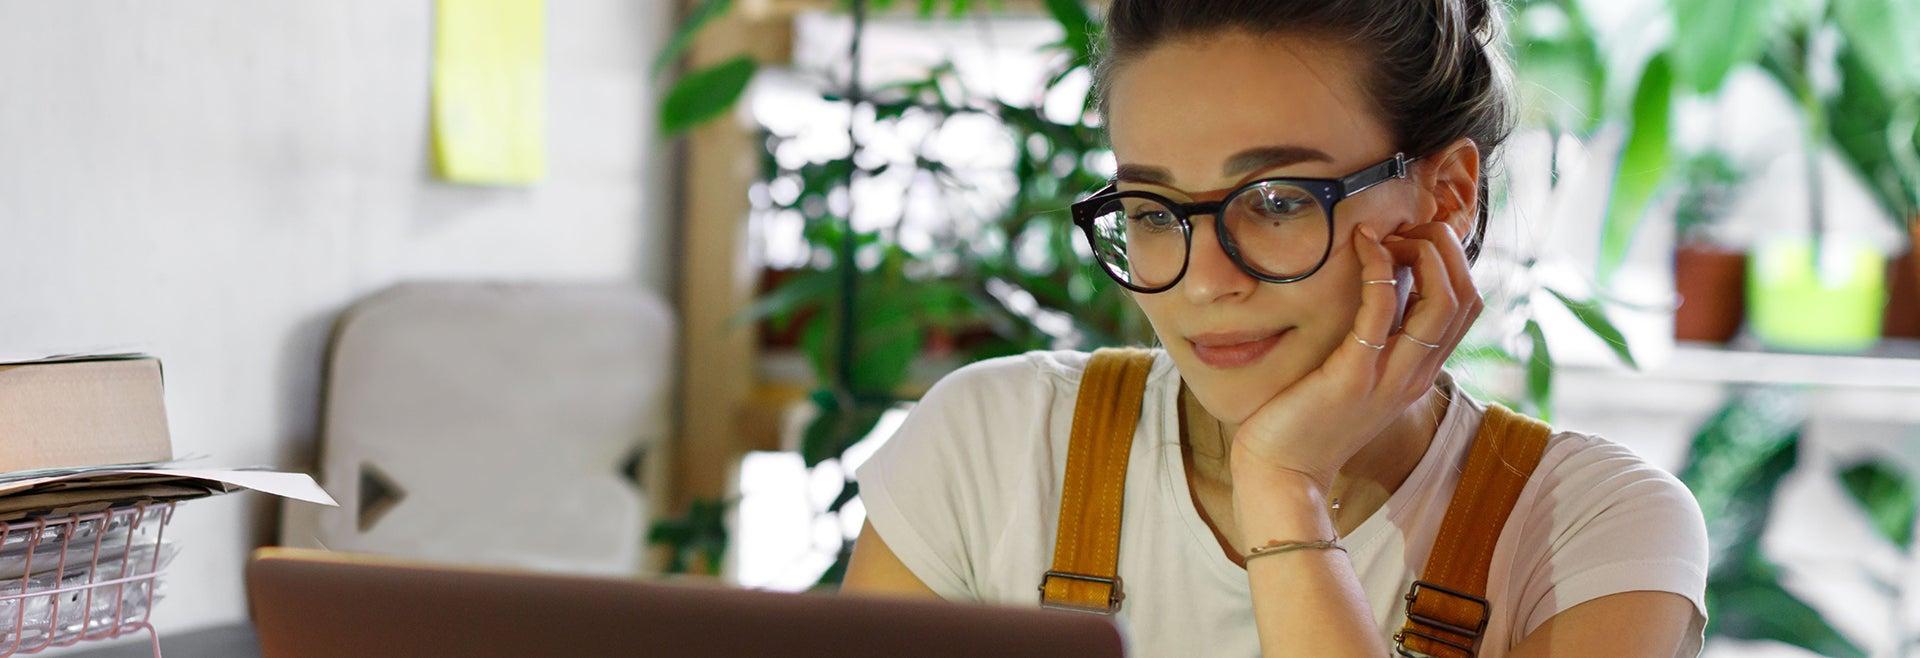 Nahaufnahme einer Frau, die in ihrem Homeoffice vor dem Laptop sitzt, im Hintergrund ein paar Pflanzen und Unterlagen